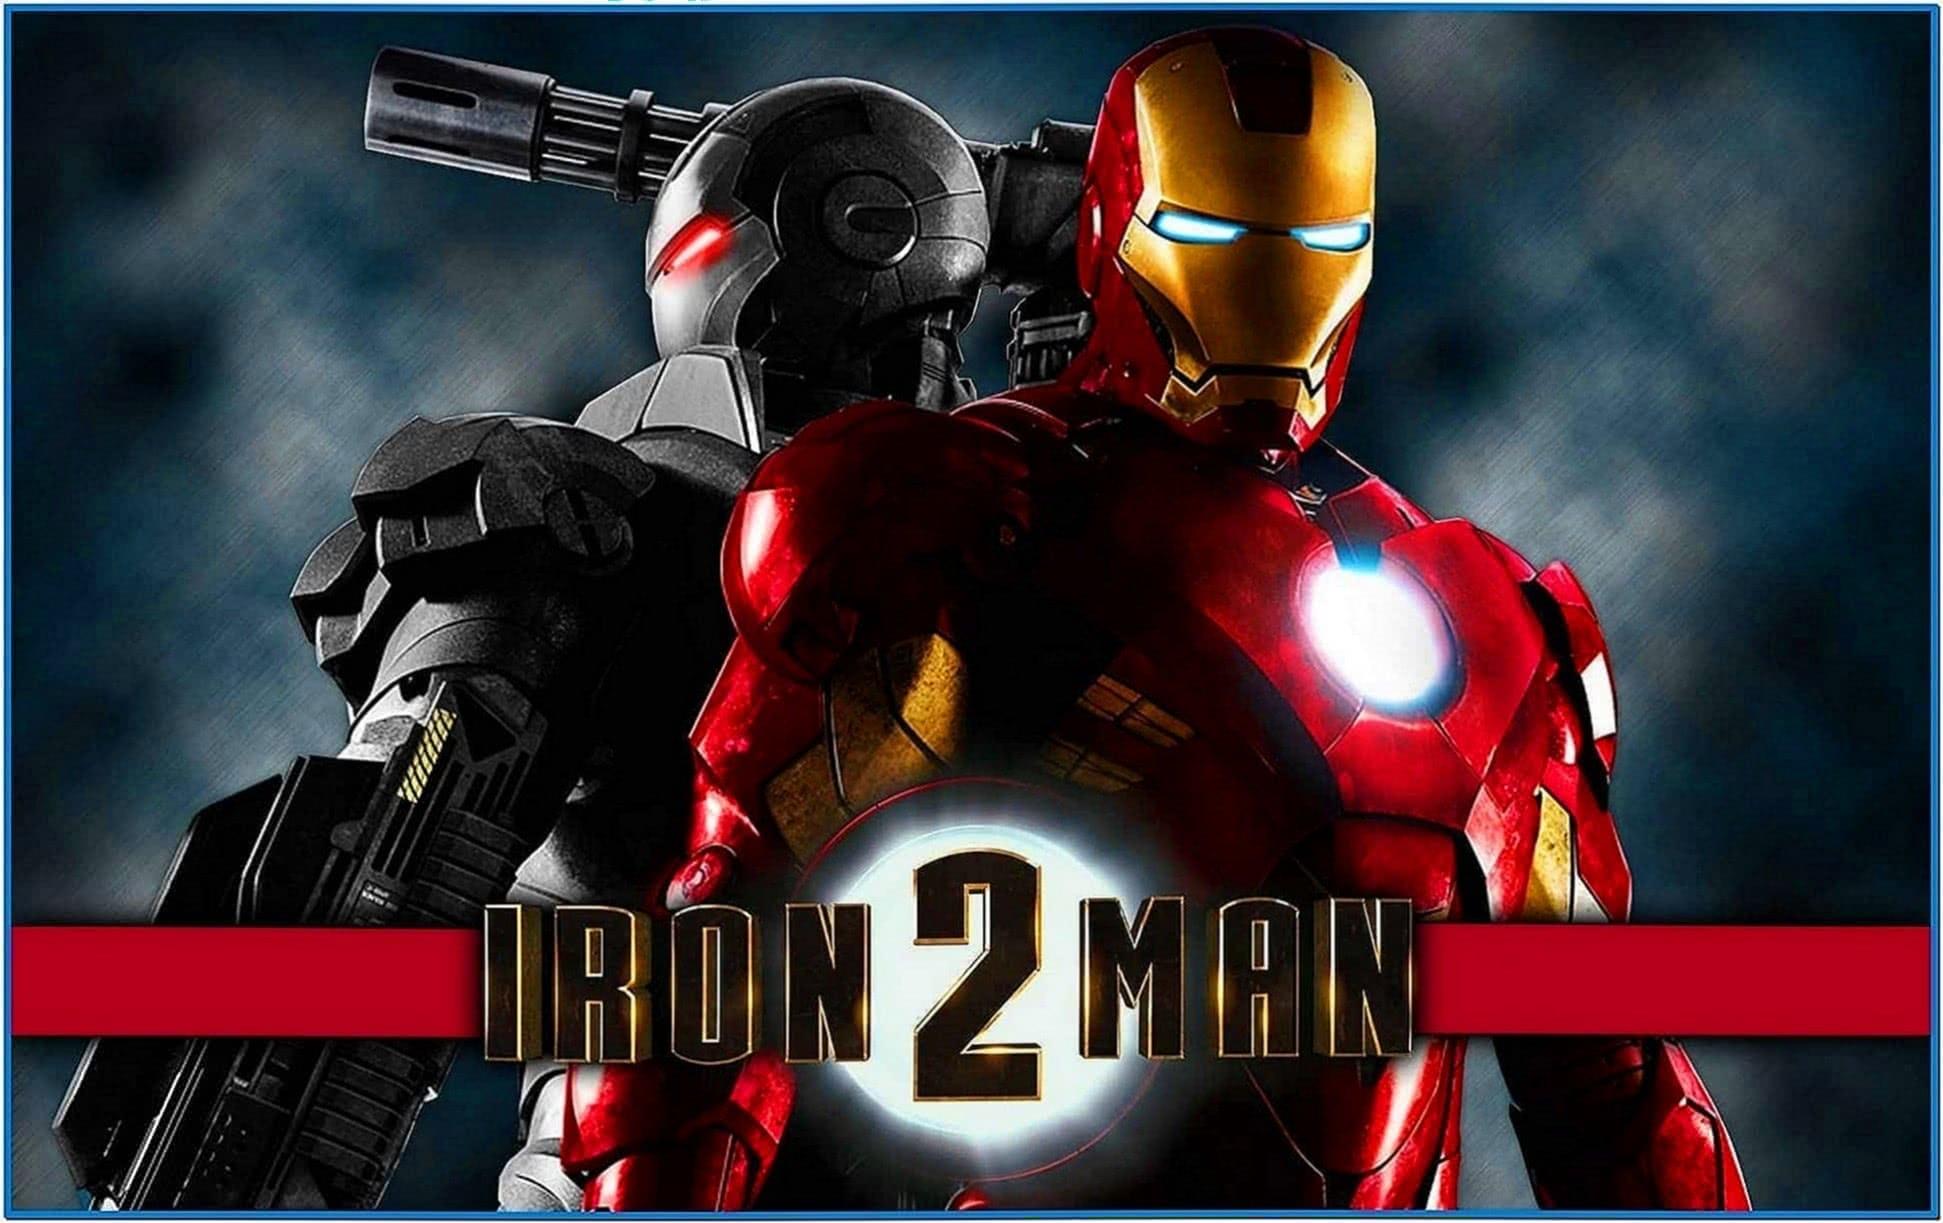 Iron Man 2 Screensaver 3D